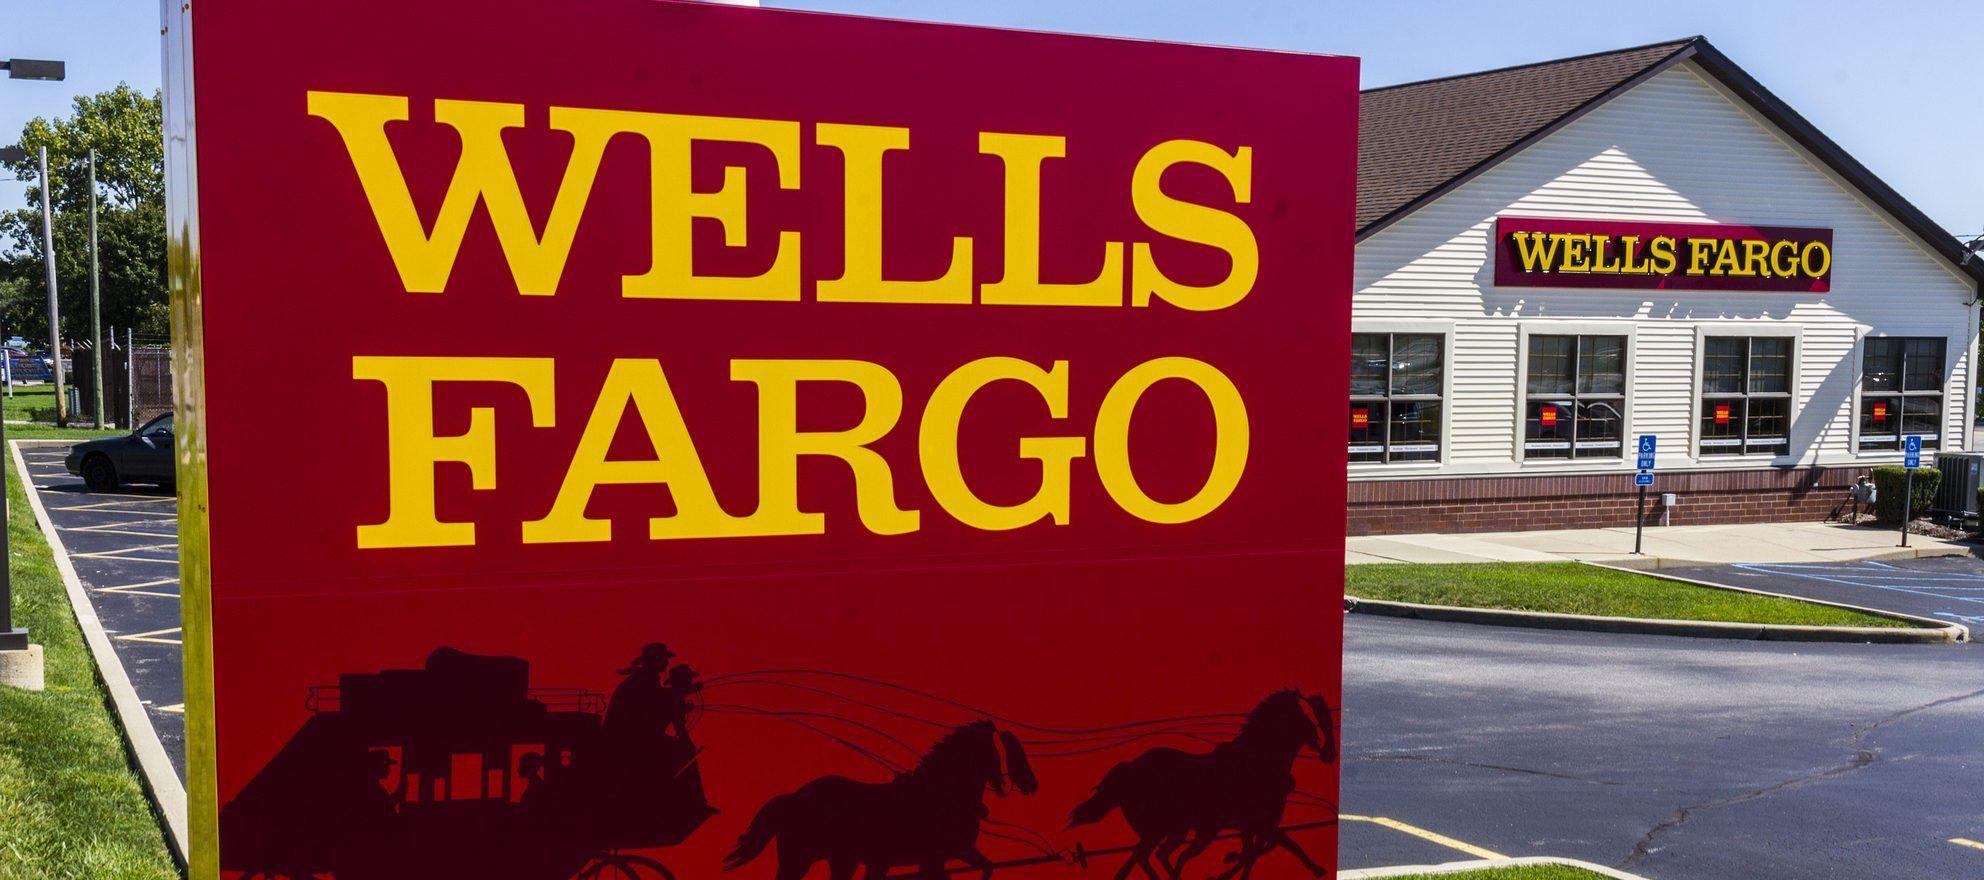 Wells Fargo Mortgage Online Wells fargo mortgage, Wells